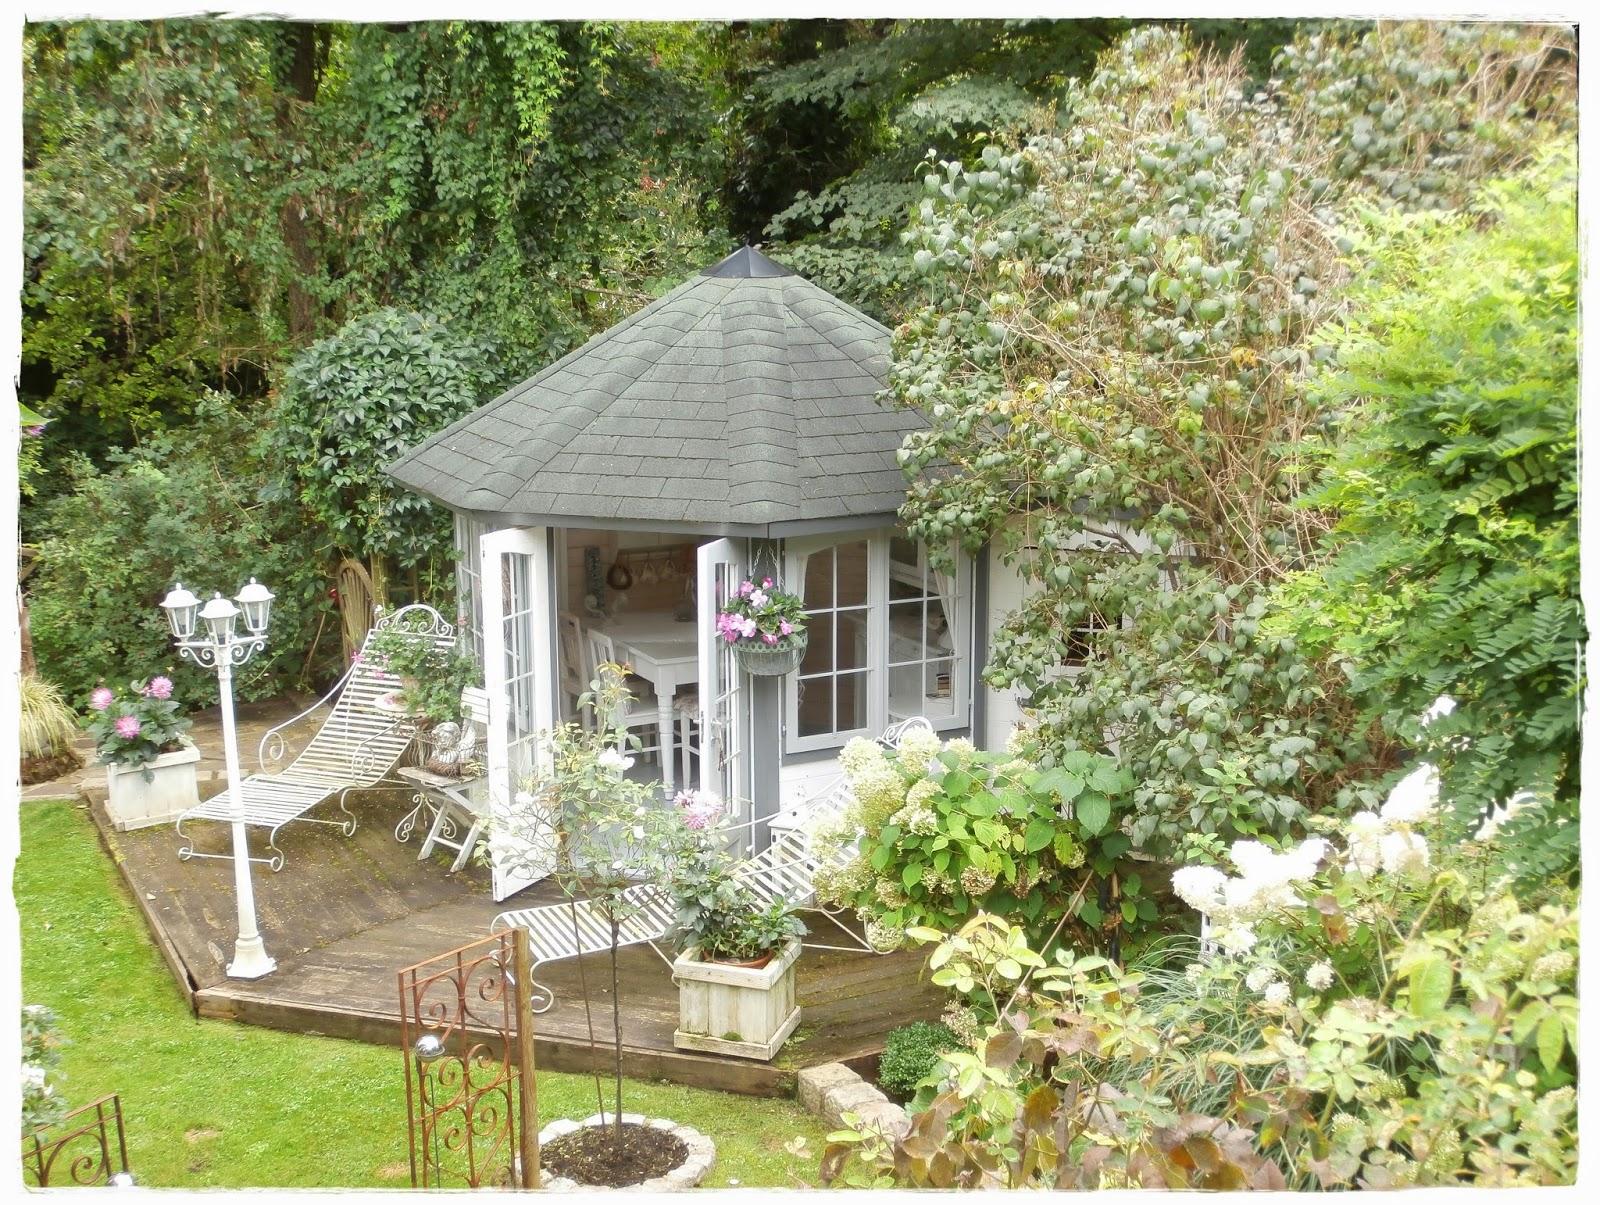 Shabby landhaus: traumhaus mit traumgarten.......